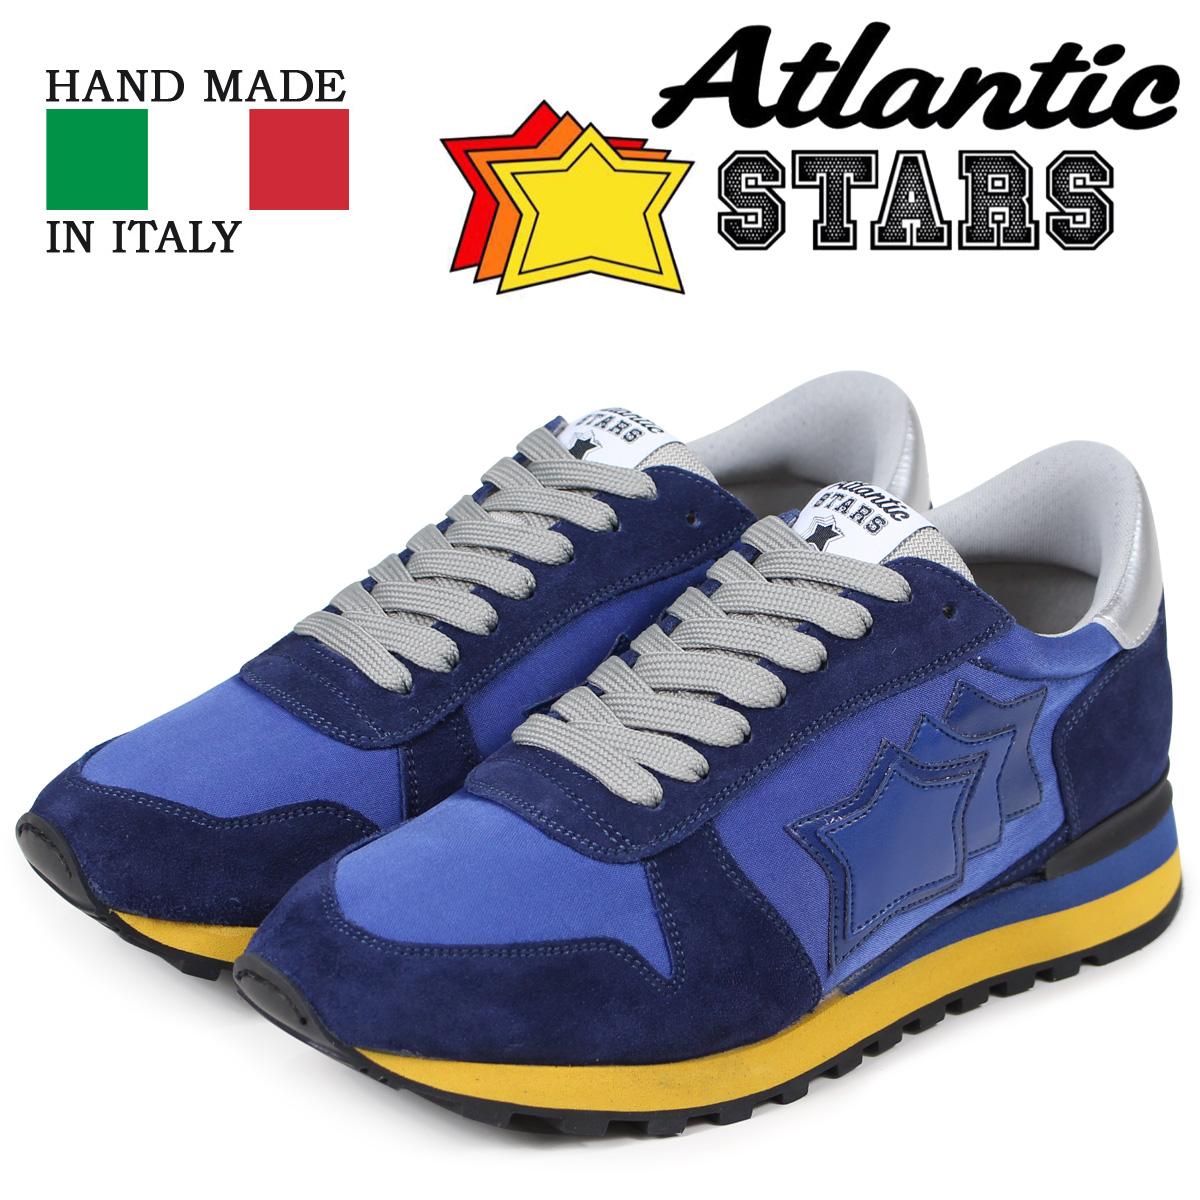 【正規品質保証】 Atlantic STARS メンズ スニーカー Atlantic アトランティックスターズ アルゴ スニーカー ARGO メンズ ATNYNGBN ブルー, 津名郡:08436a99 --- fabricadecultura.org.br